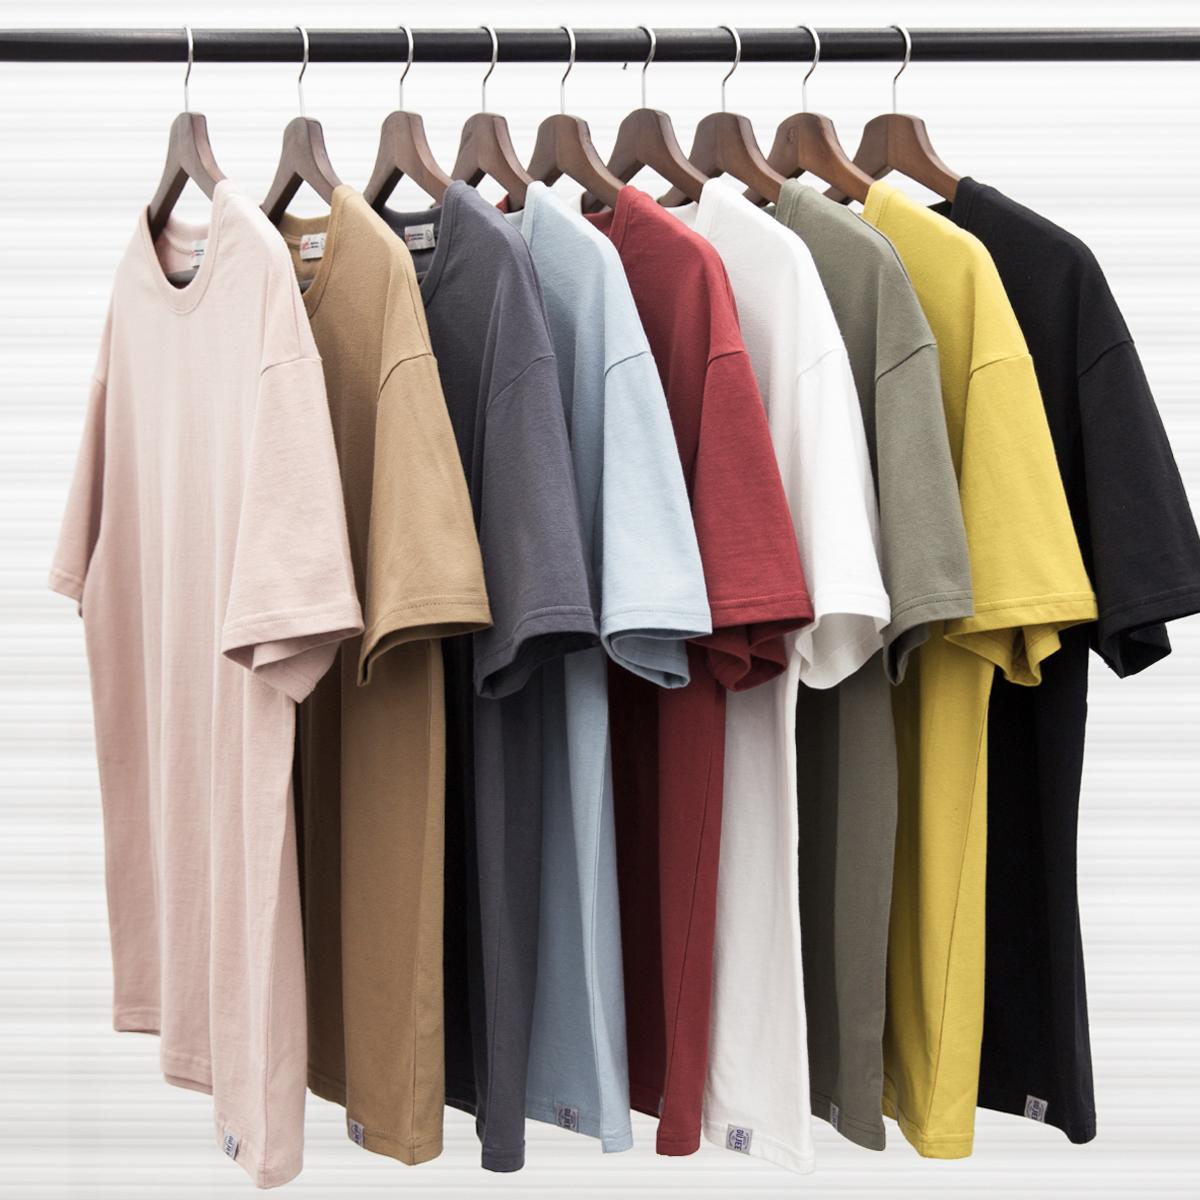 10-31新券夏季日系纯色宽松短袖T恤男潮牌潮流半袖纯棉体恤衫简约休闲上衣